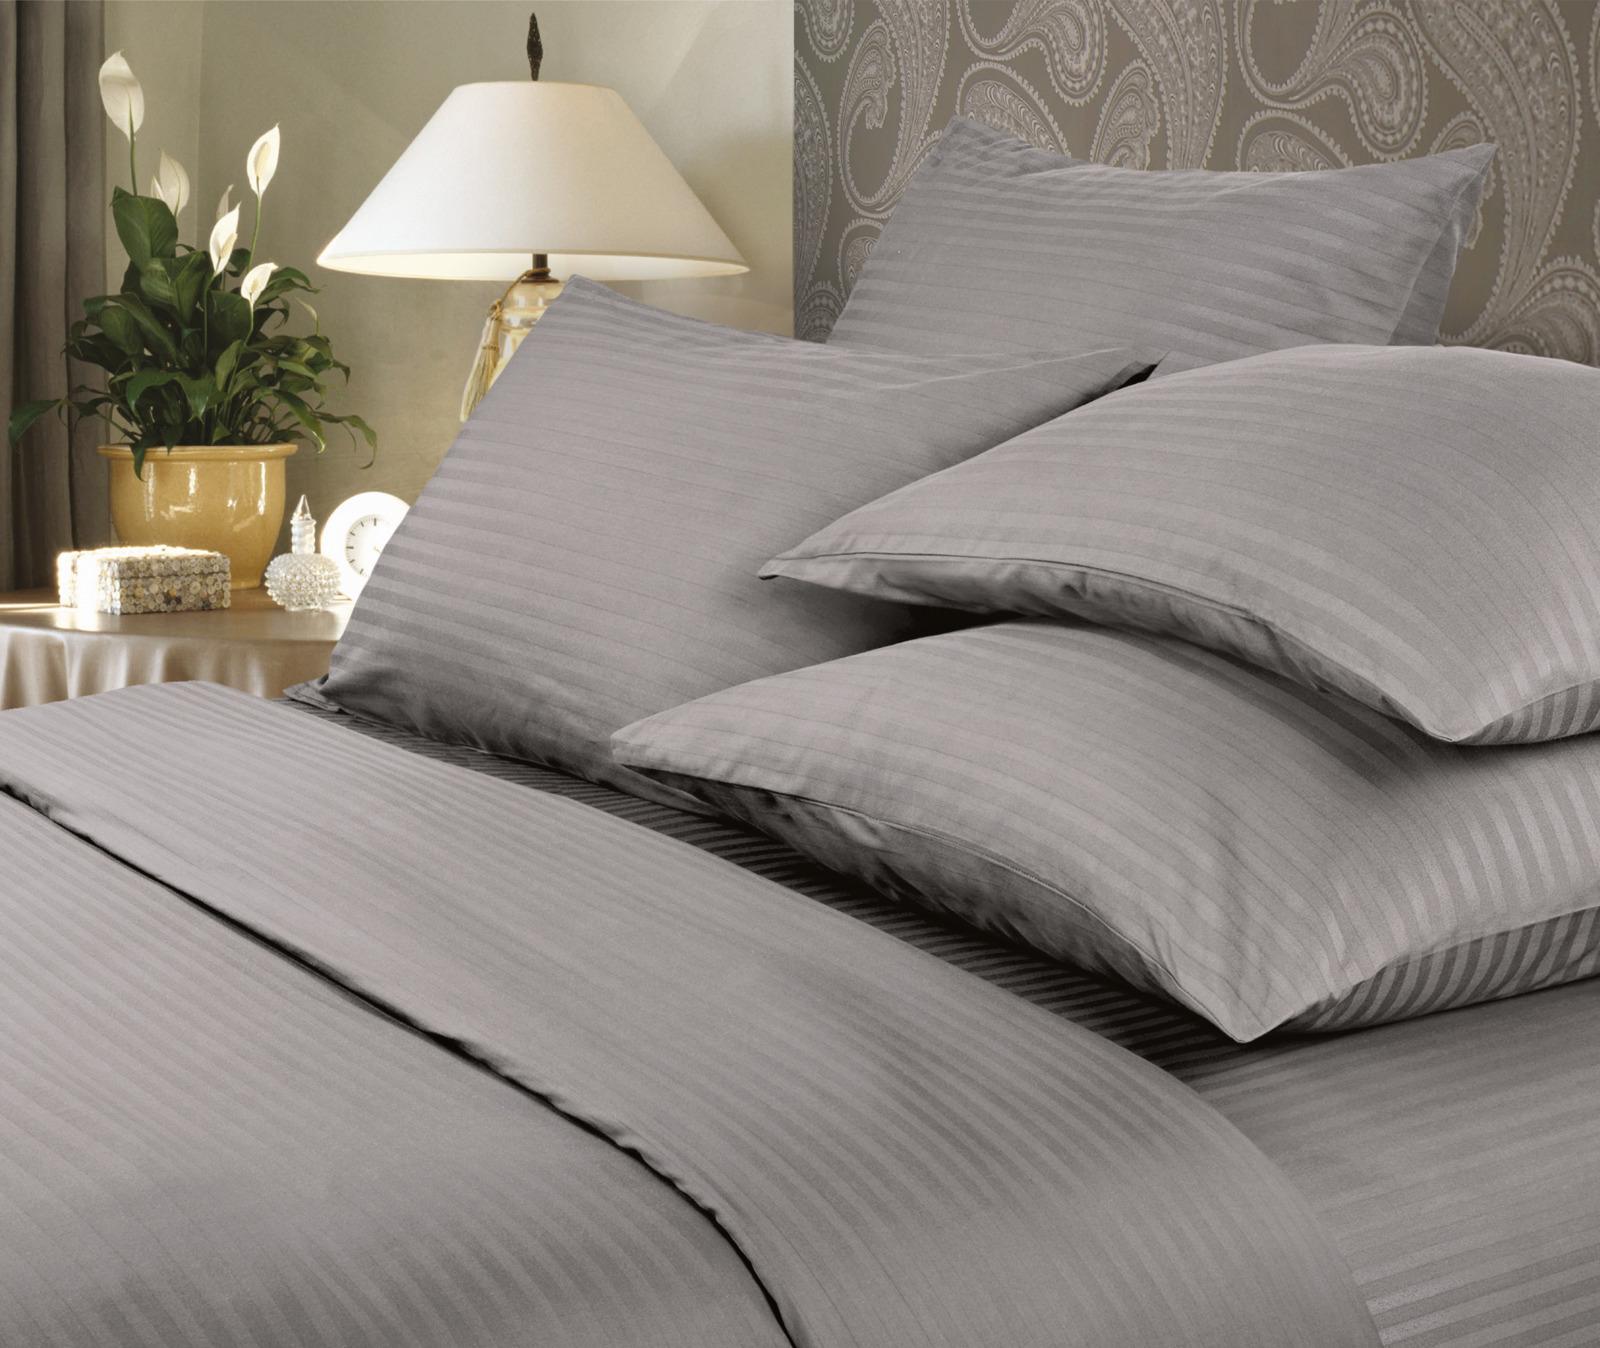 Комплект белья Verossa Gray, 2-спальный, наволочки 70x70